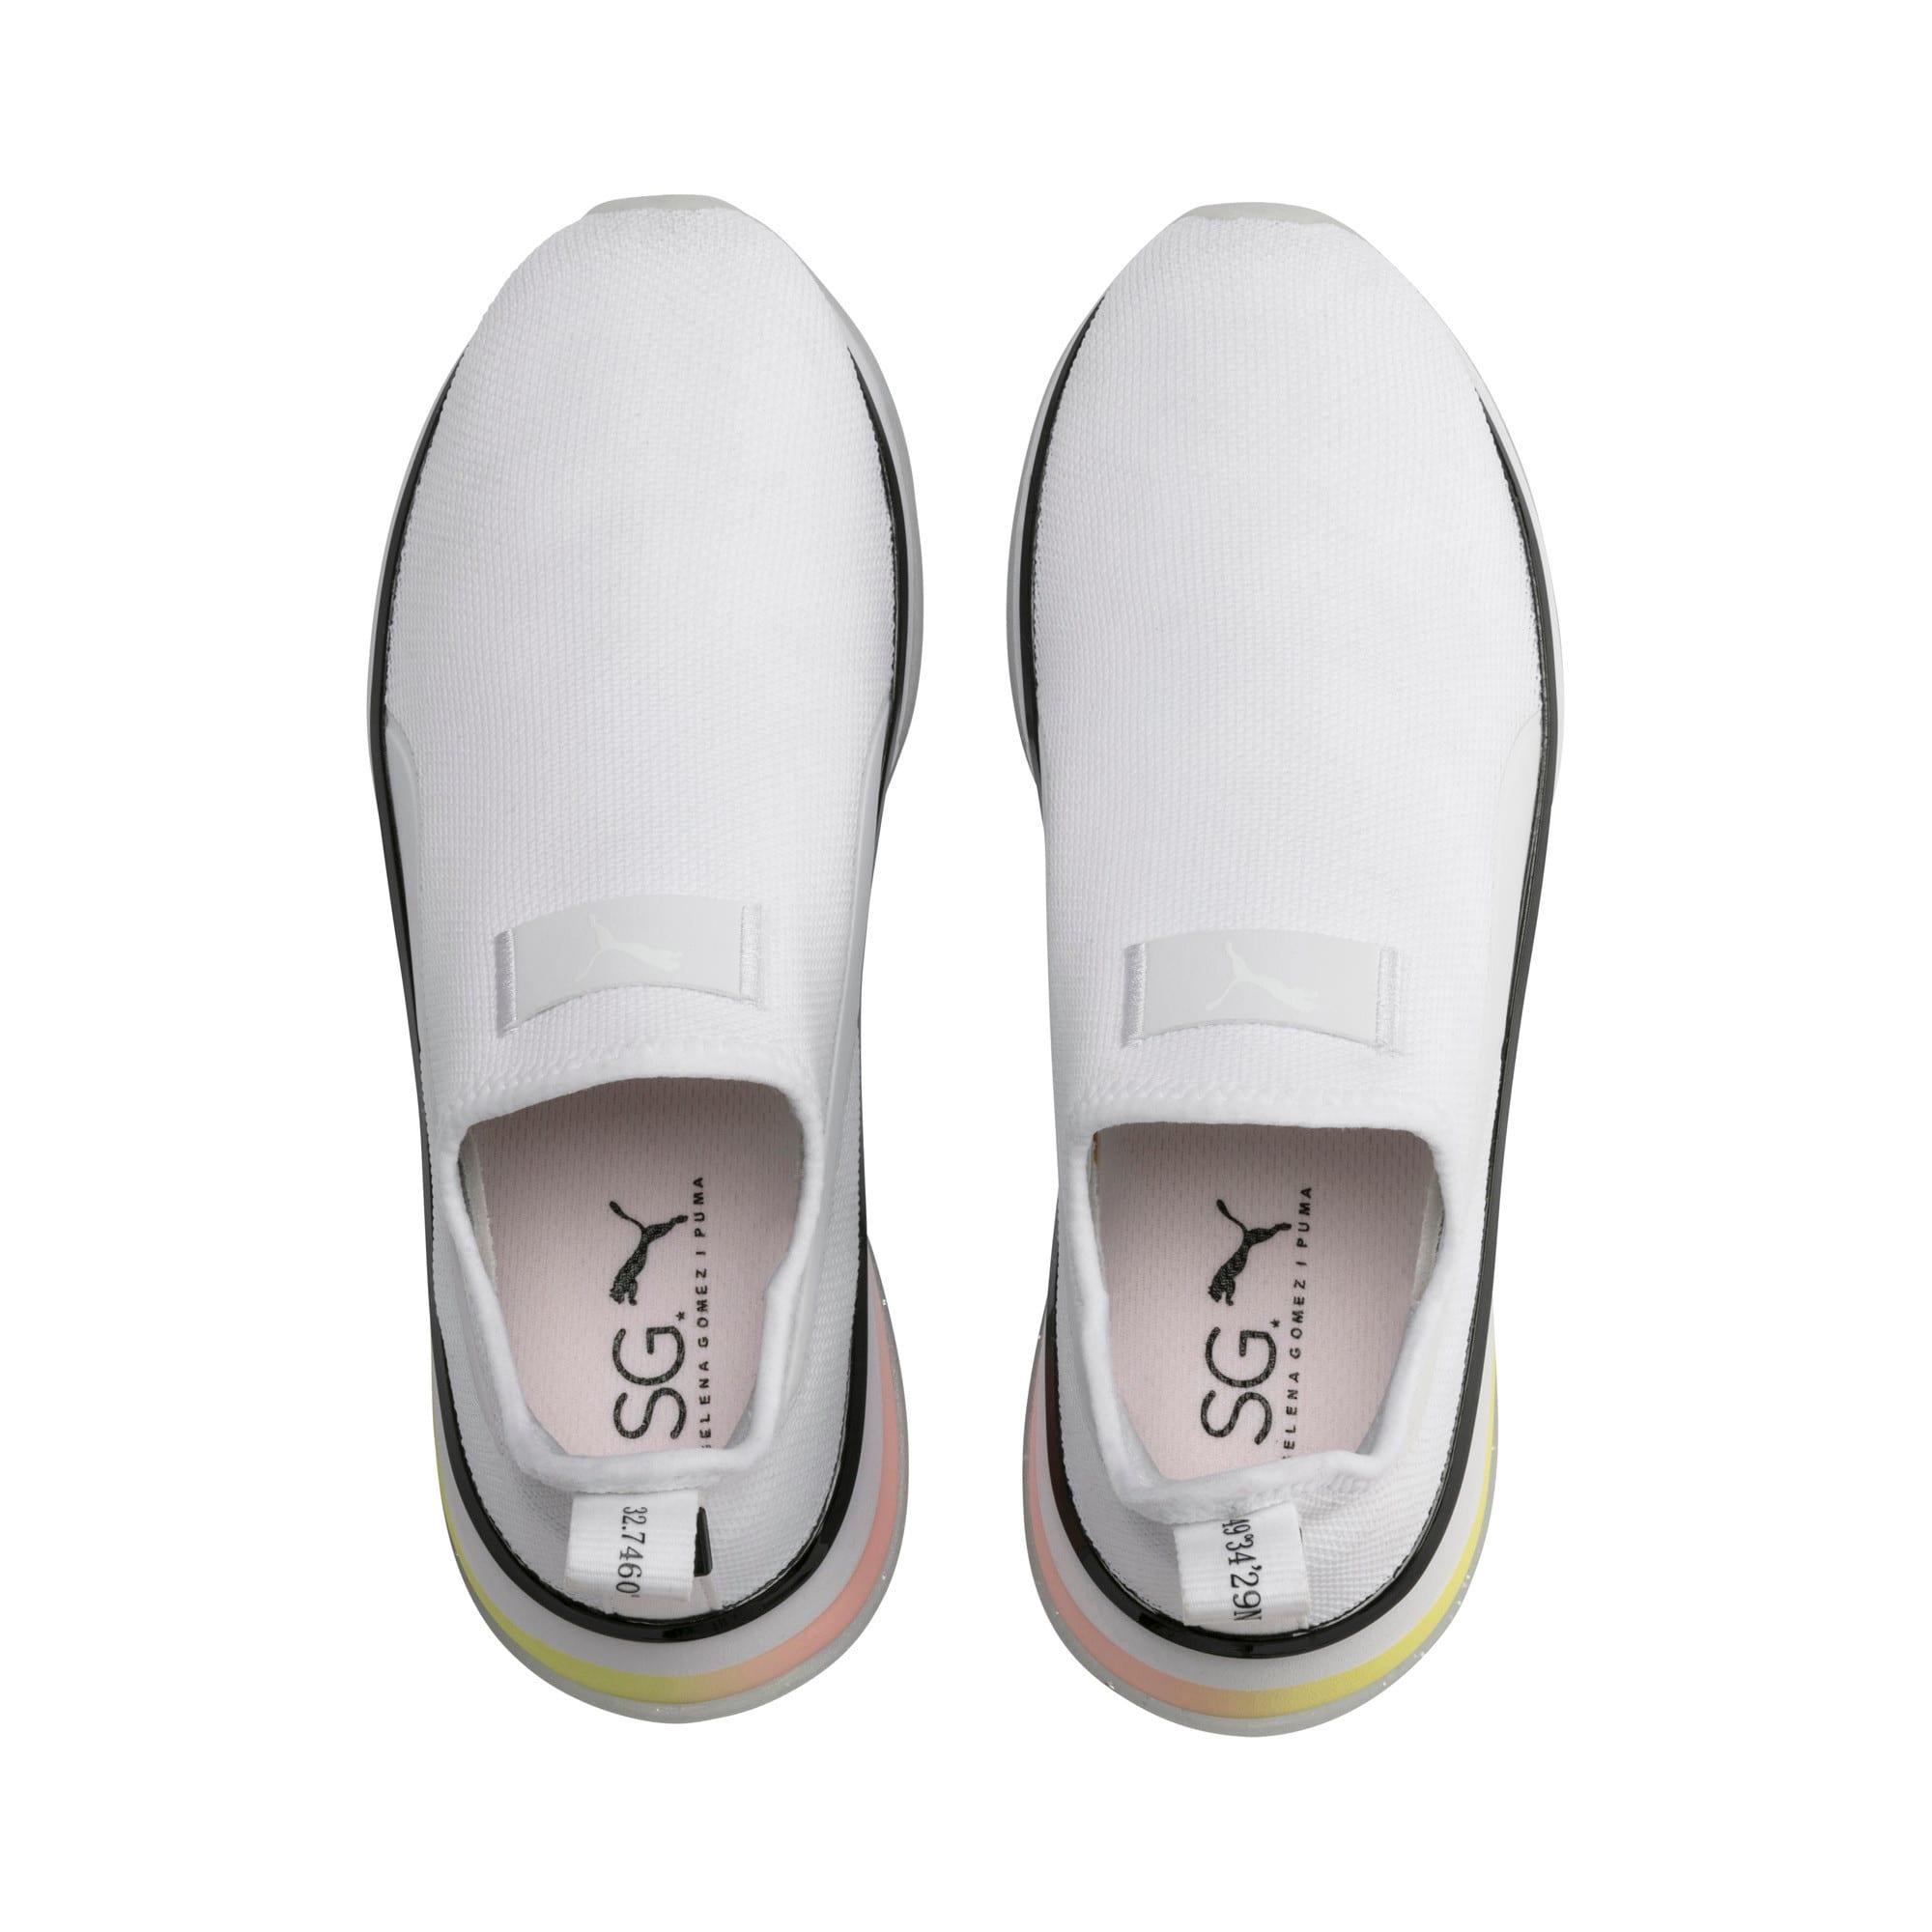 Imagen en miniatura 7 de Zapatillas sin cierres de mujer PUMA x SELENA GOMEZ, Puma blanco - Puma negro, mediana